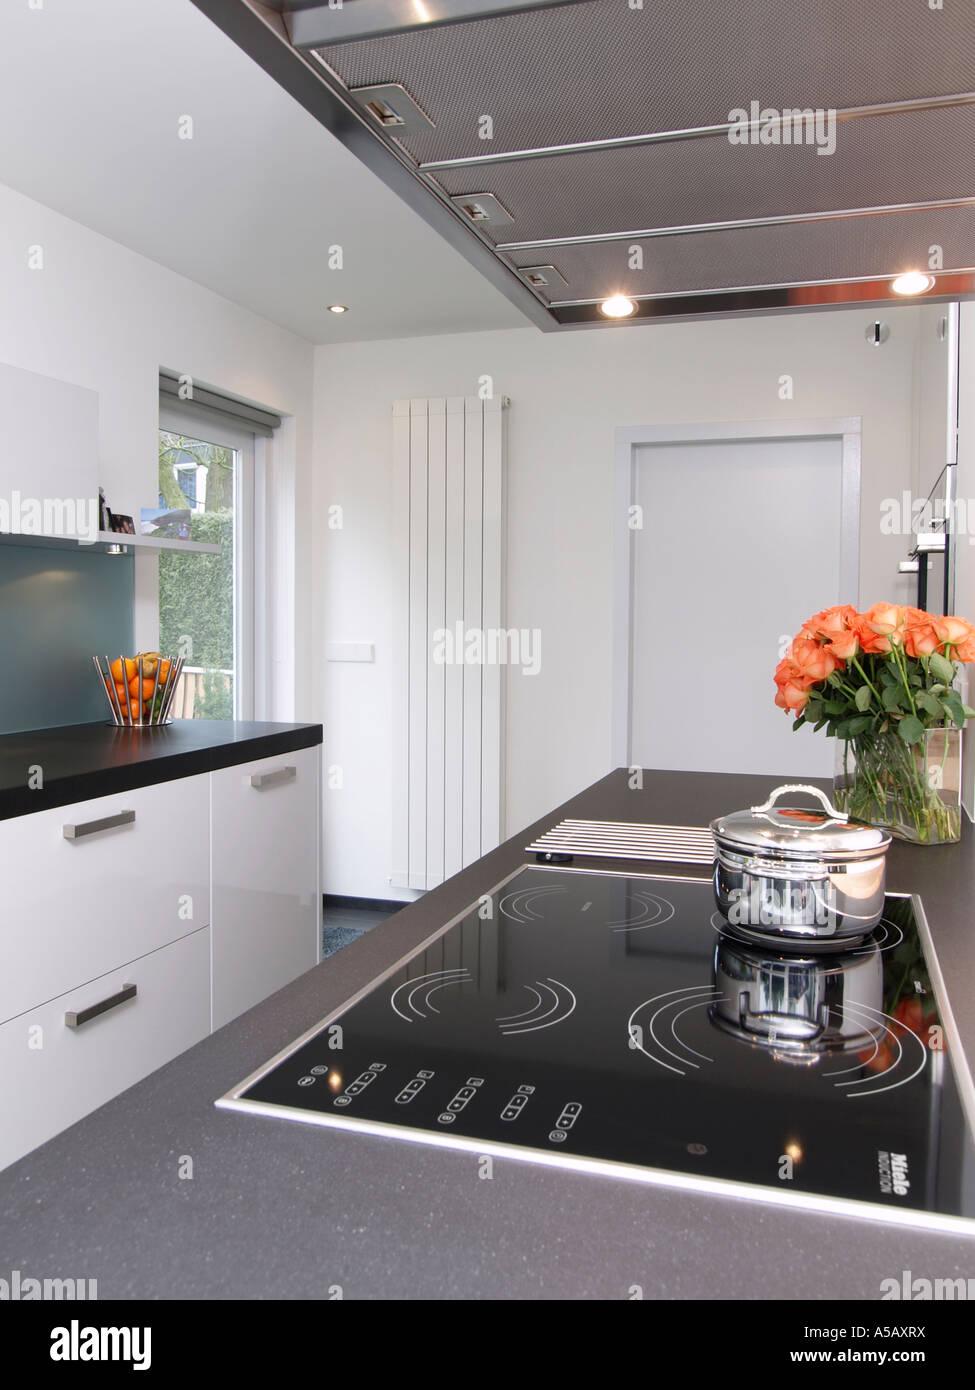 Moderne weiße Küche mit Induktionsherd und Design-Heizkörper ...